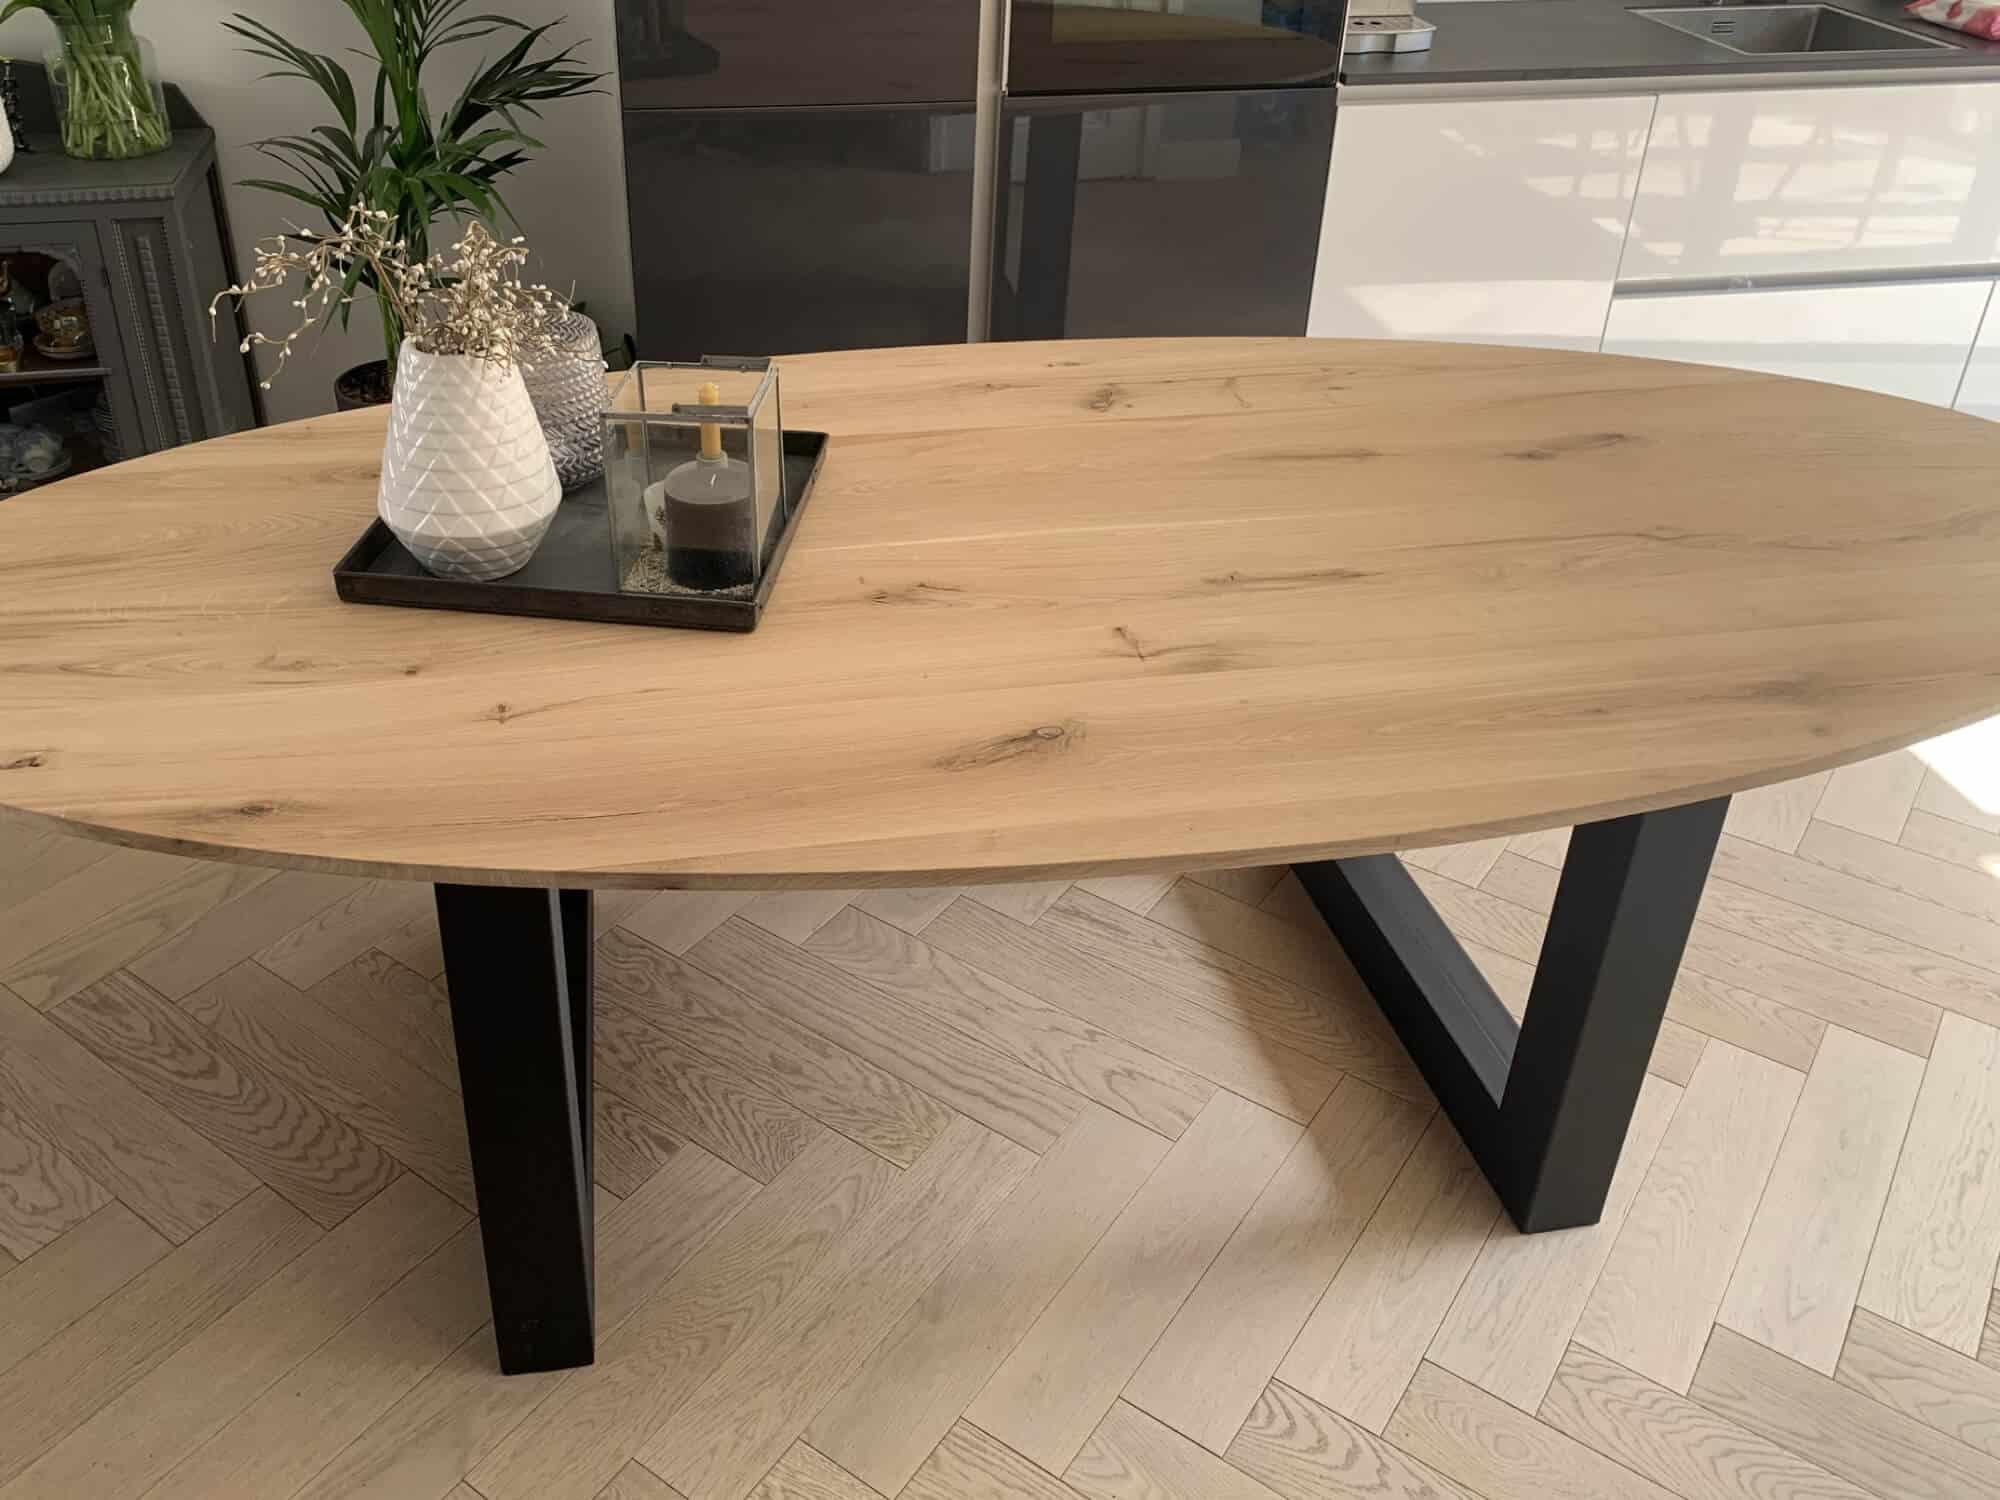 Rustiek eikenhouten tafel ovaal u poot